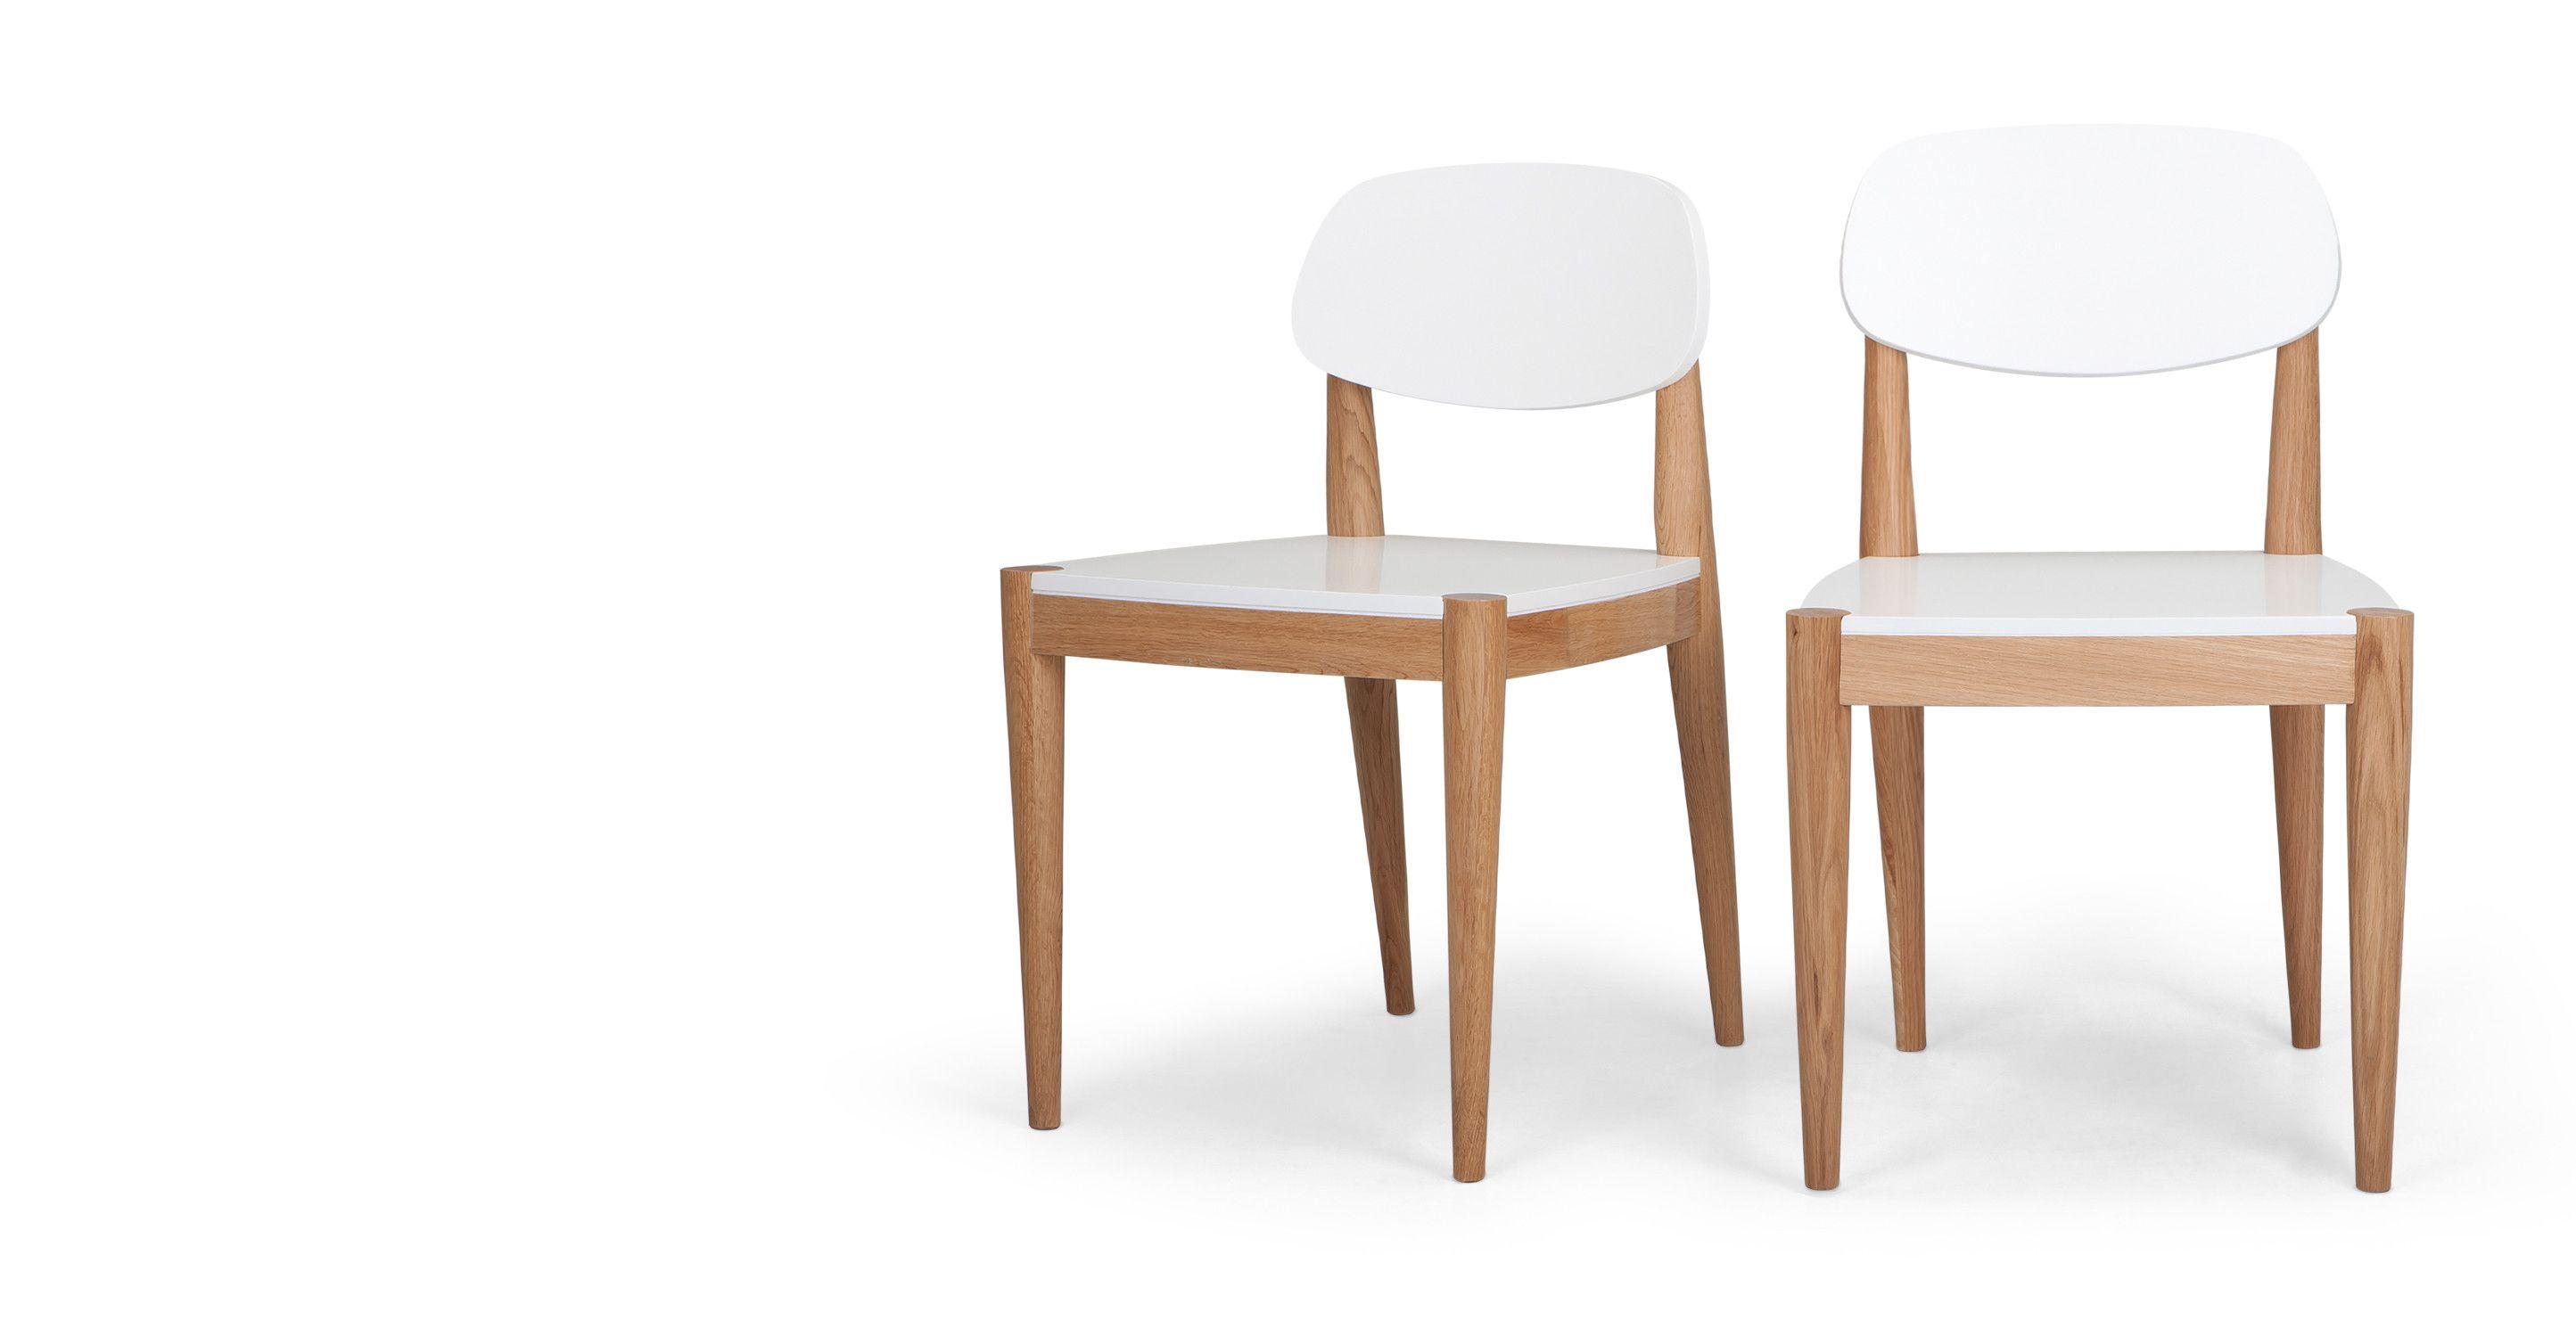 Bemerkenswert Weisse Stühle Das Beste Von 2 X Joseph Stühle, Eiche Und Weiß